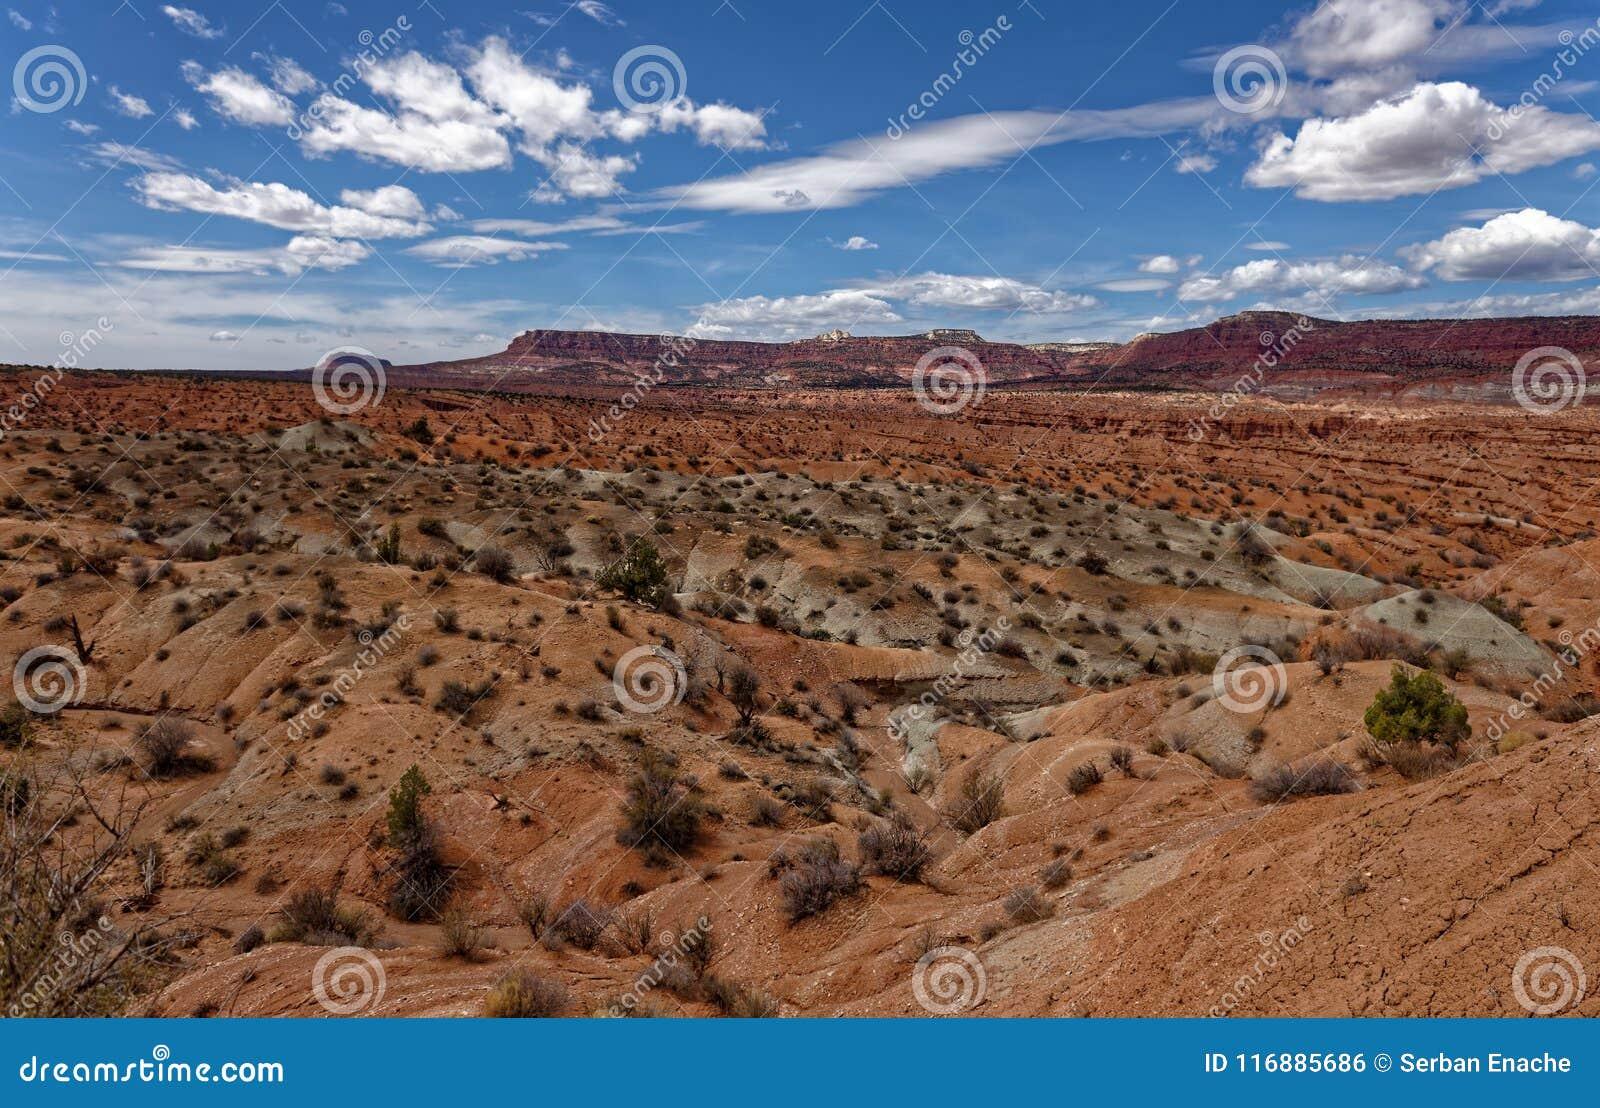 Planícies do deserto em Utá